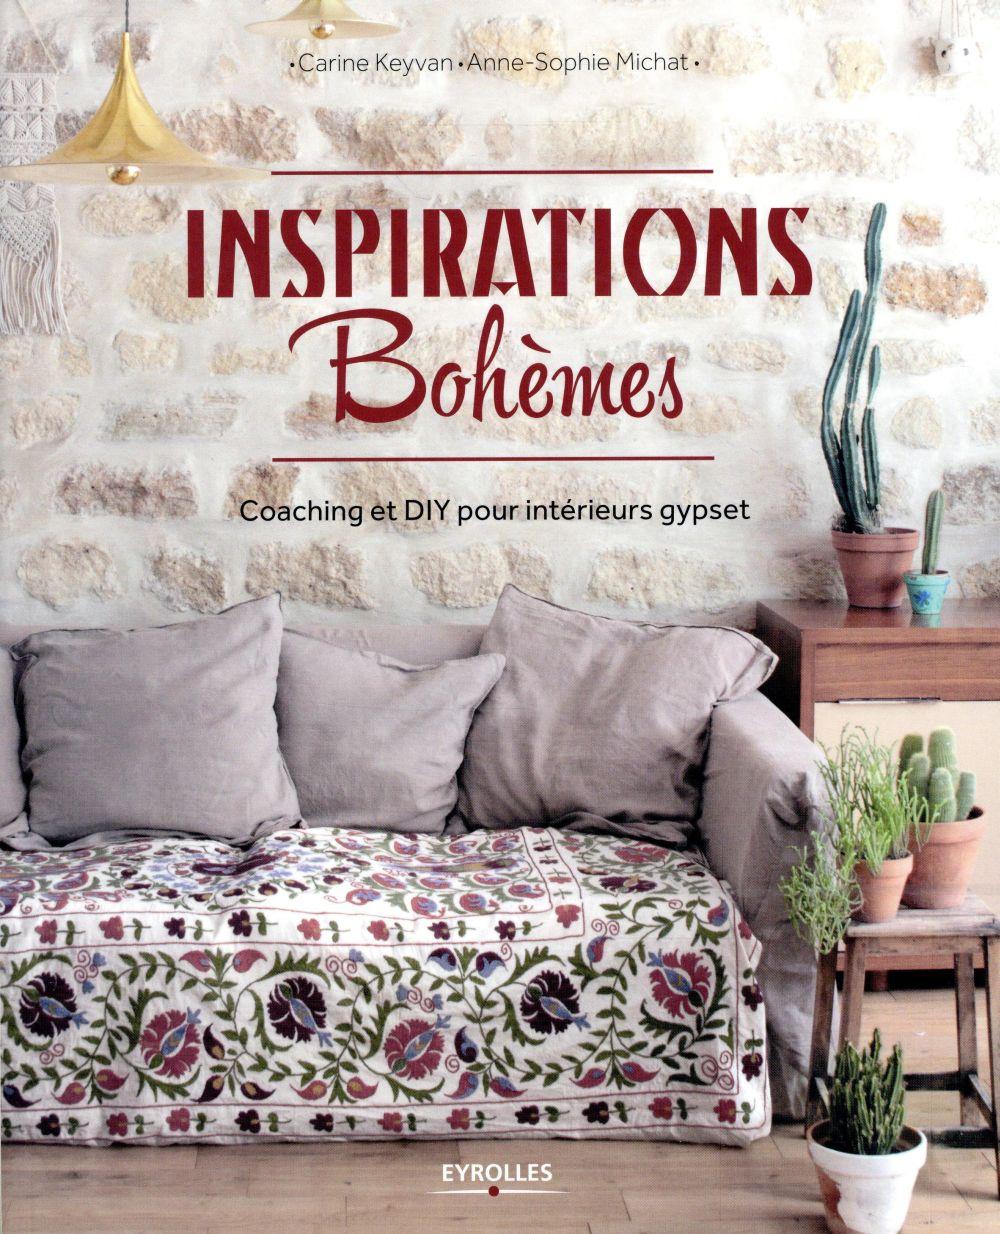 INSPIRATIONS BOHEMES  -  COACHING ET DIY POUR INTERIEUR GYPSET